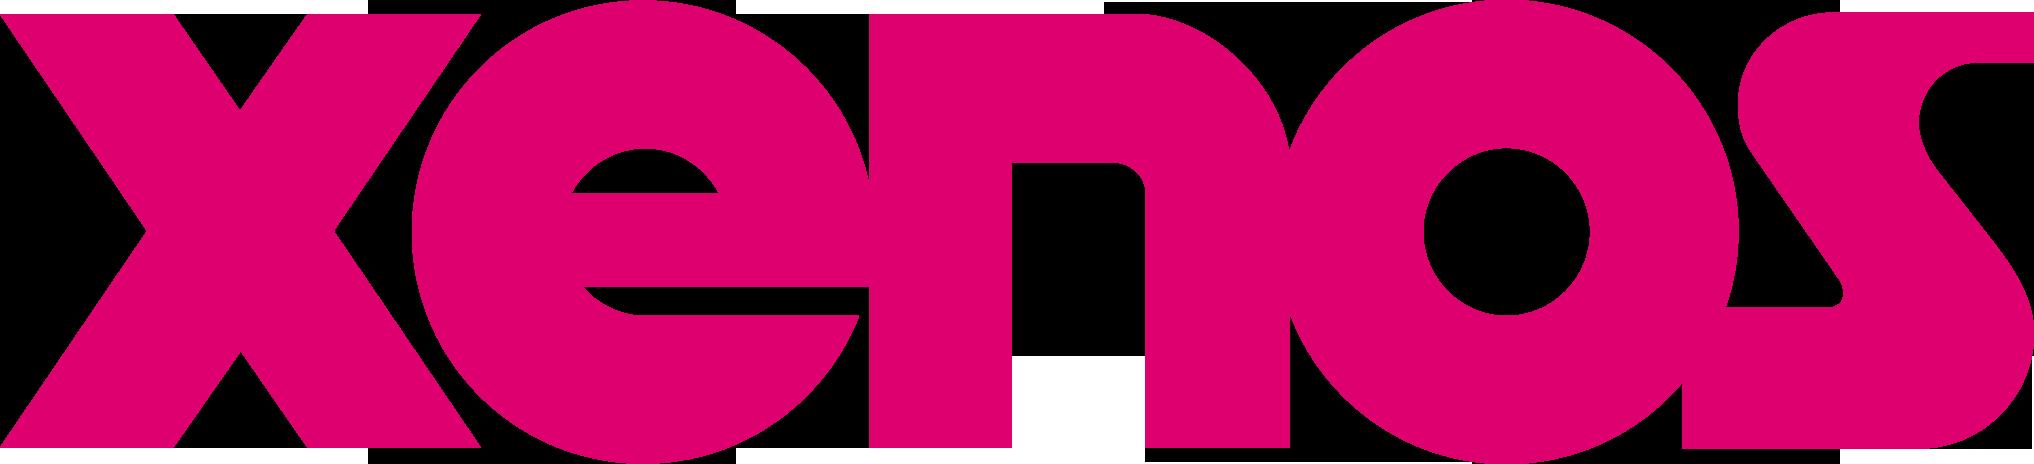 Afbeeldingsresultaat voor Xenos logo